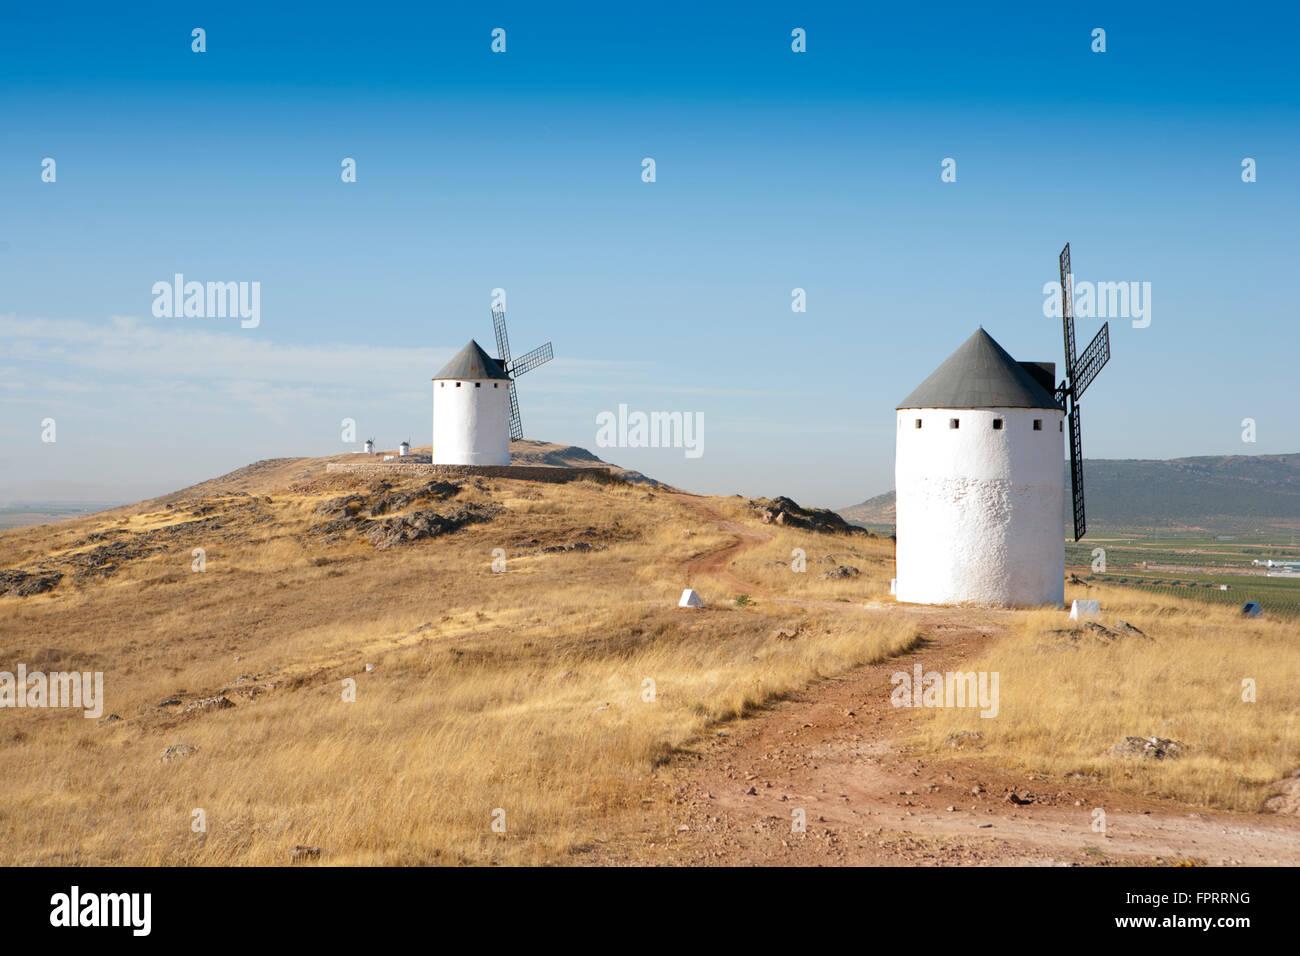 L'Europa, Spagna, Castilla la Mancha, Campo de Criptana, mulini a vento sulla collina vicino a Campo de Criptana, Immagini Stock